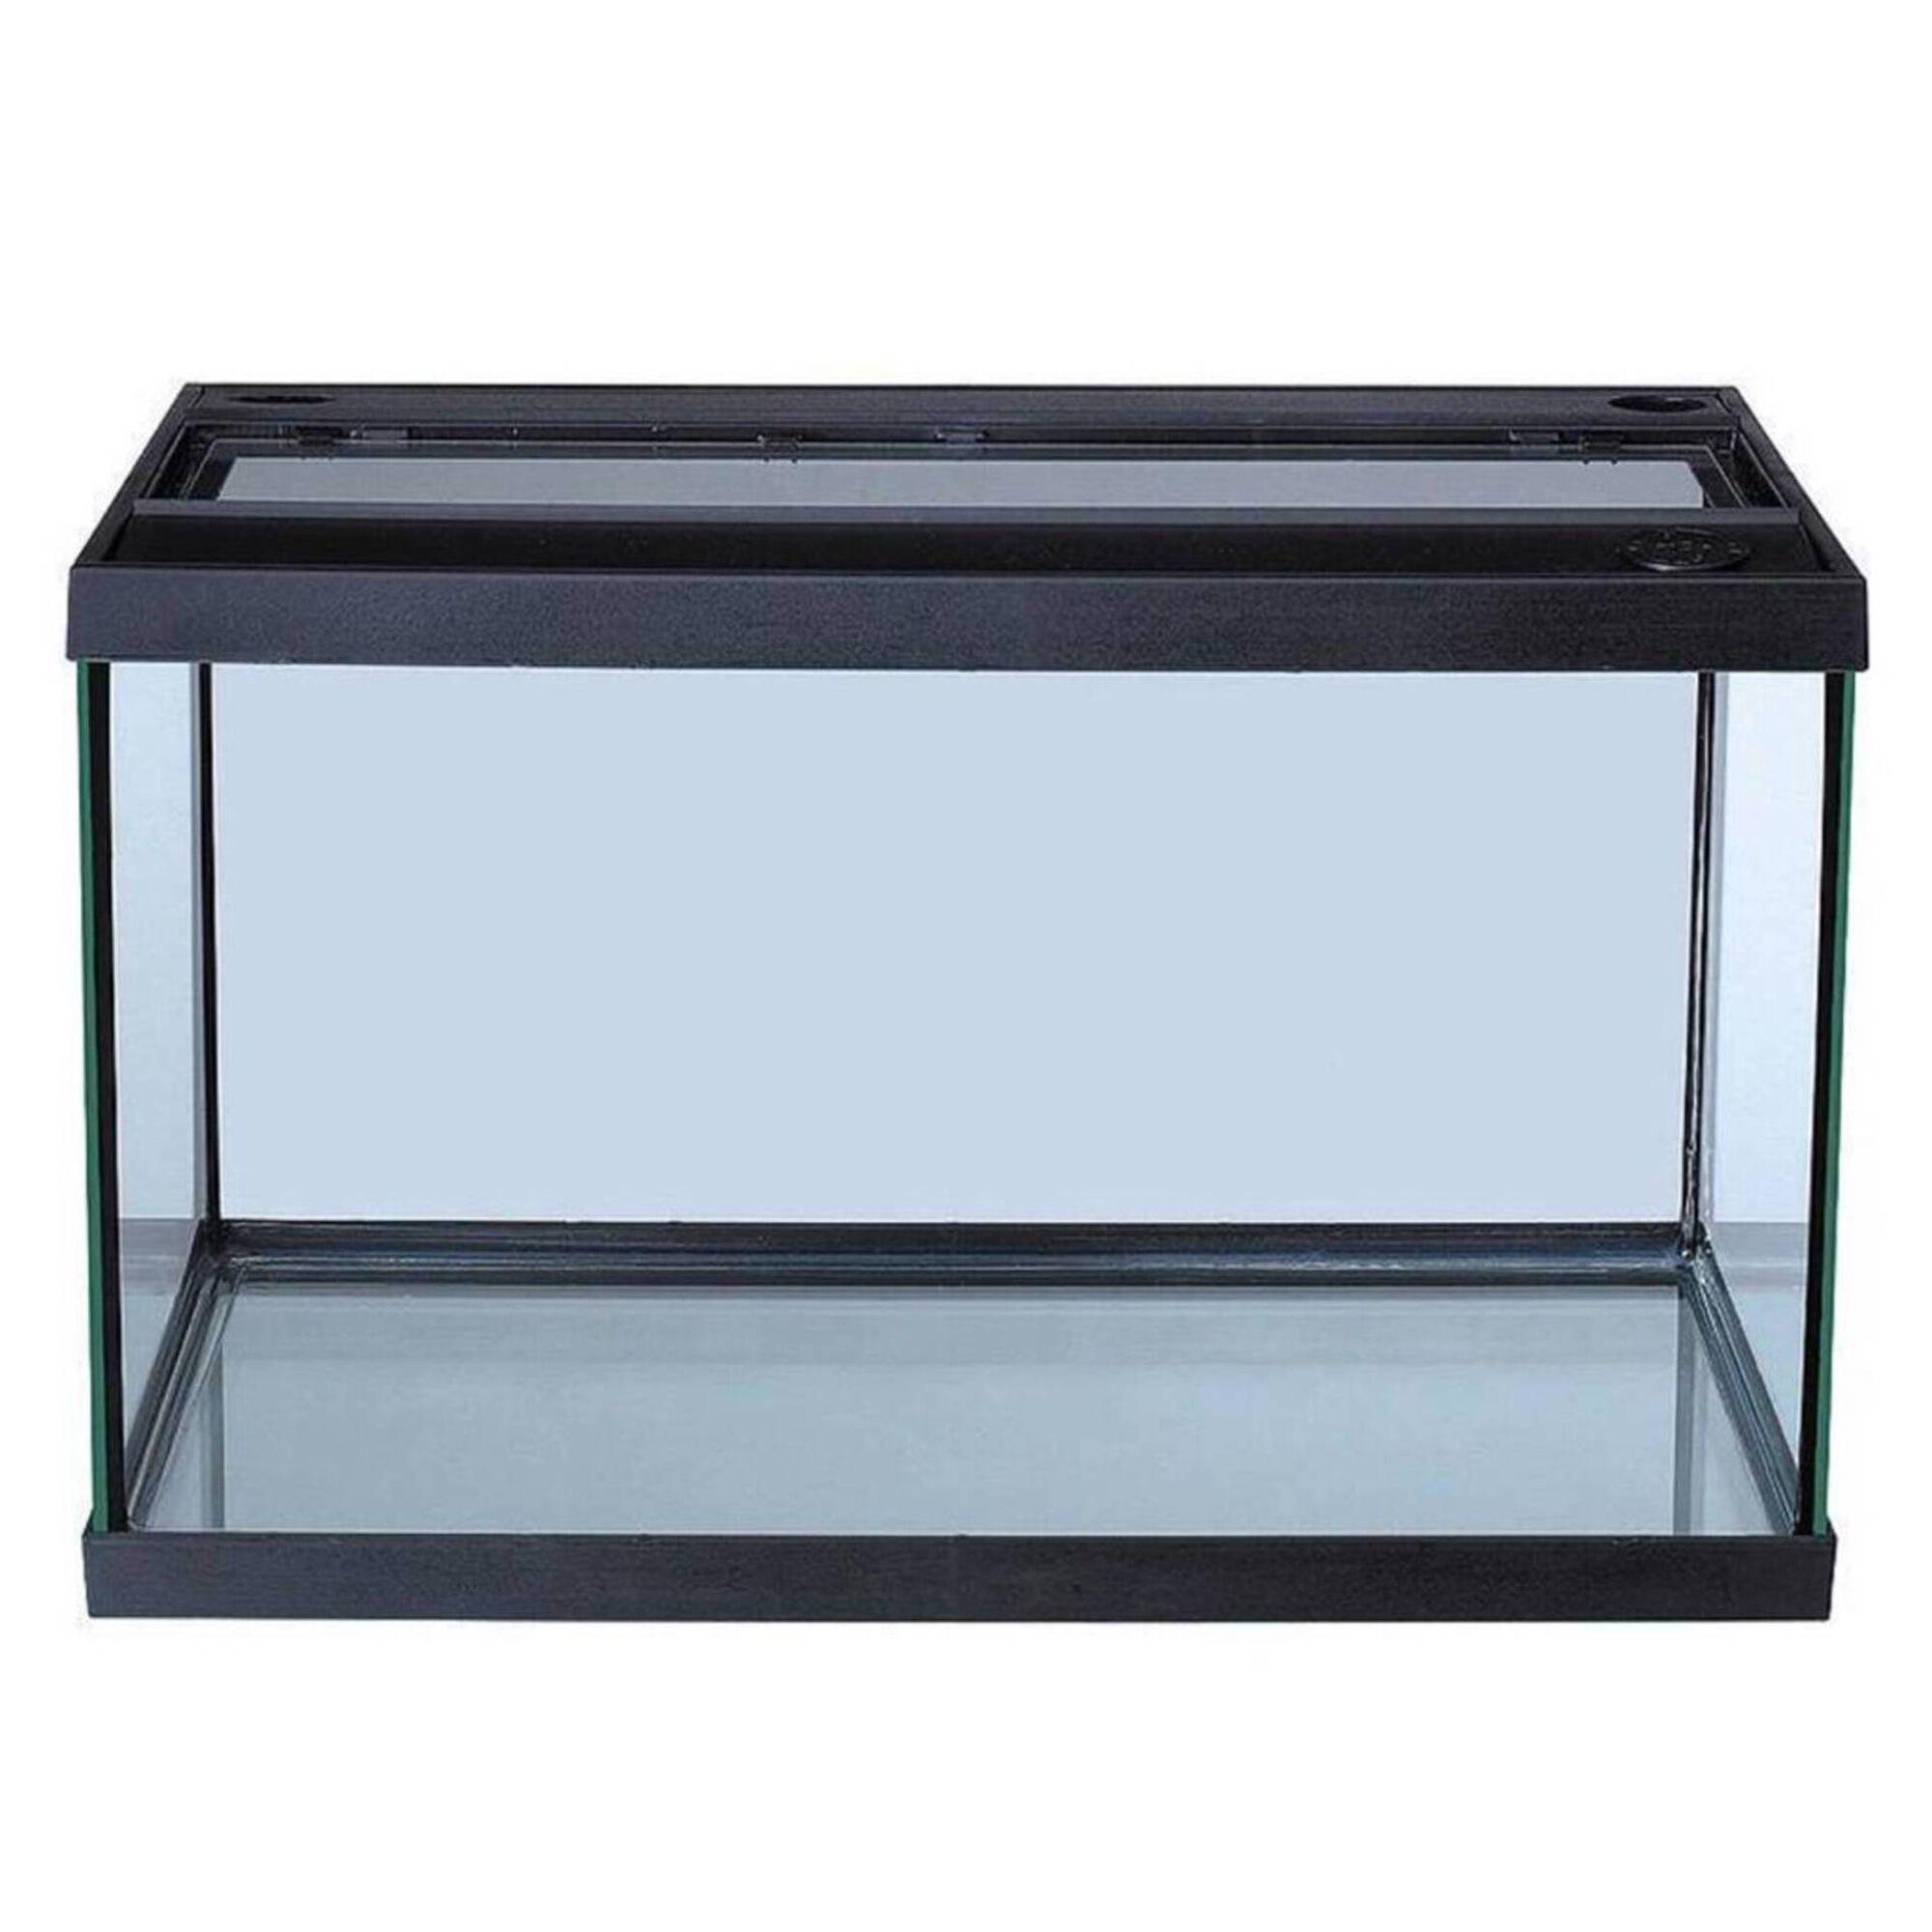 Aquário Aquapor 50 cm